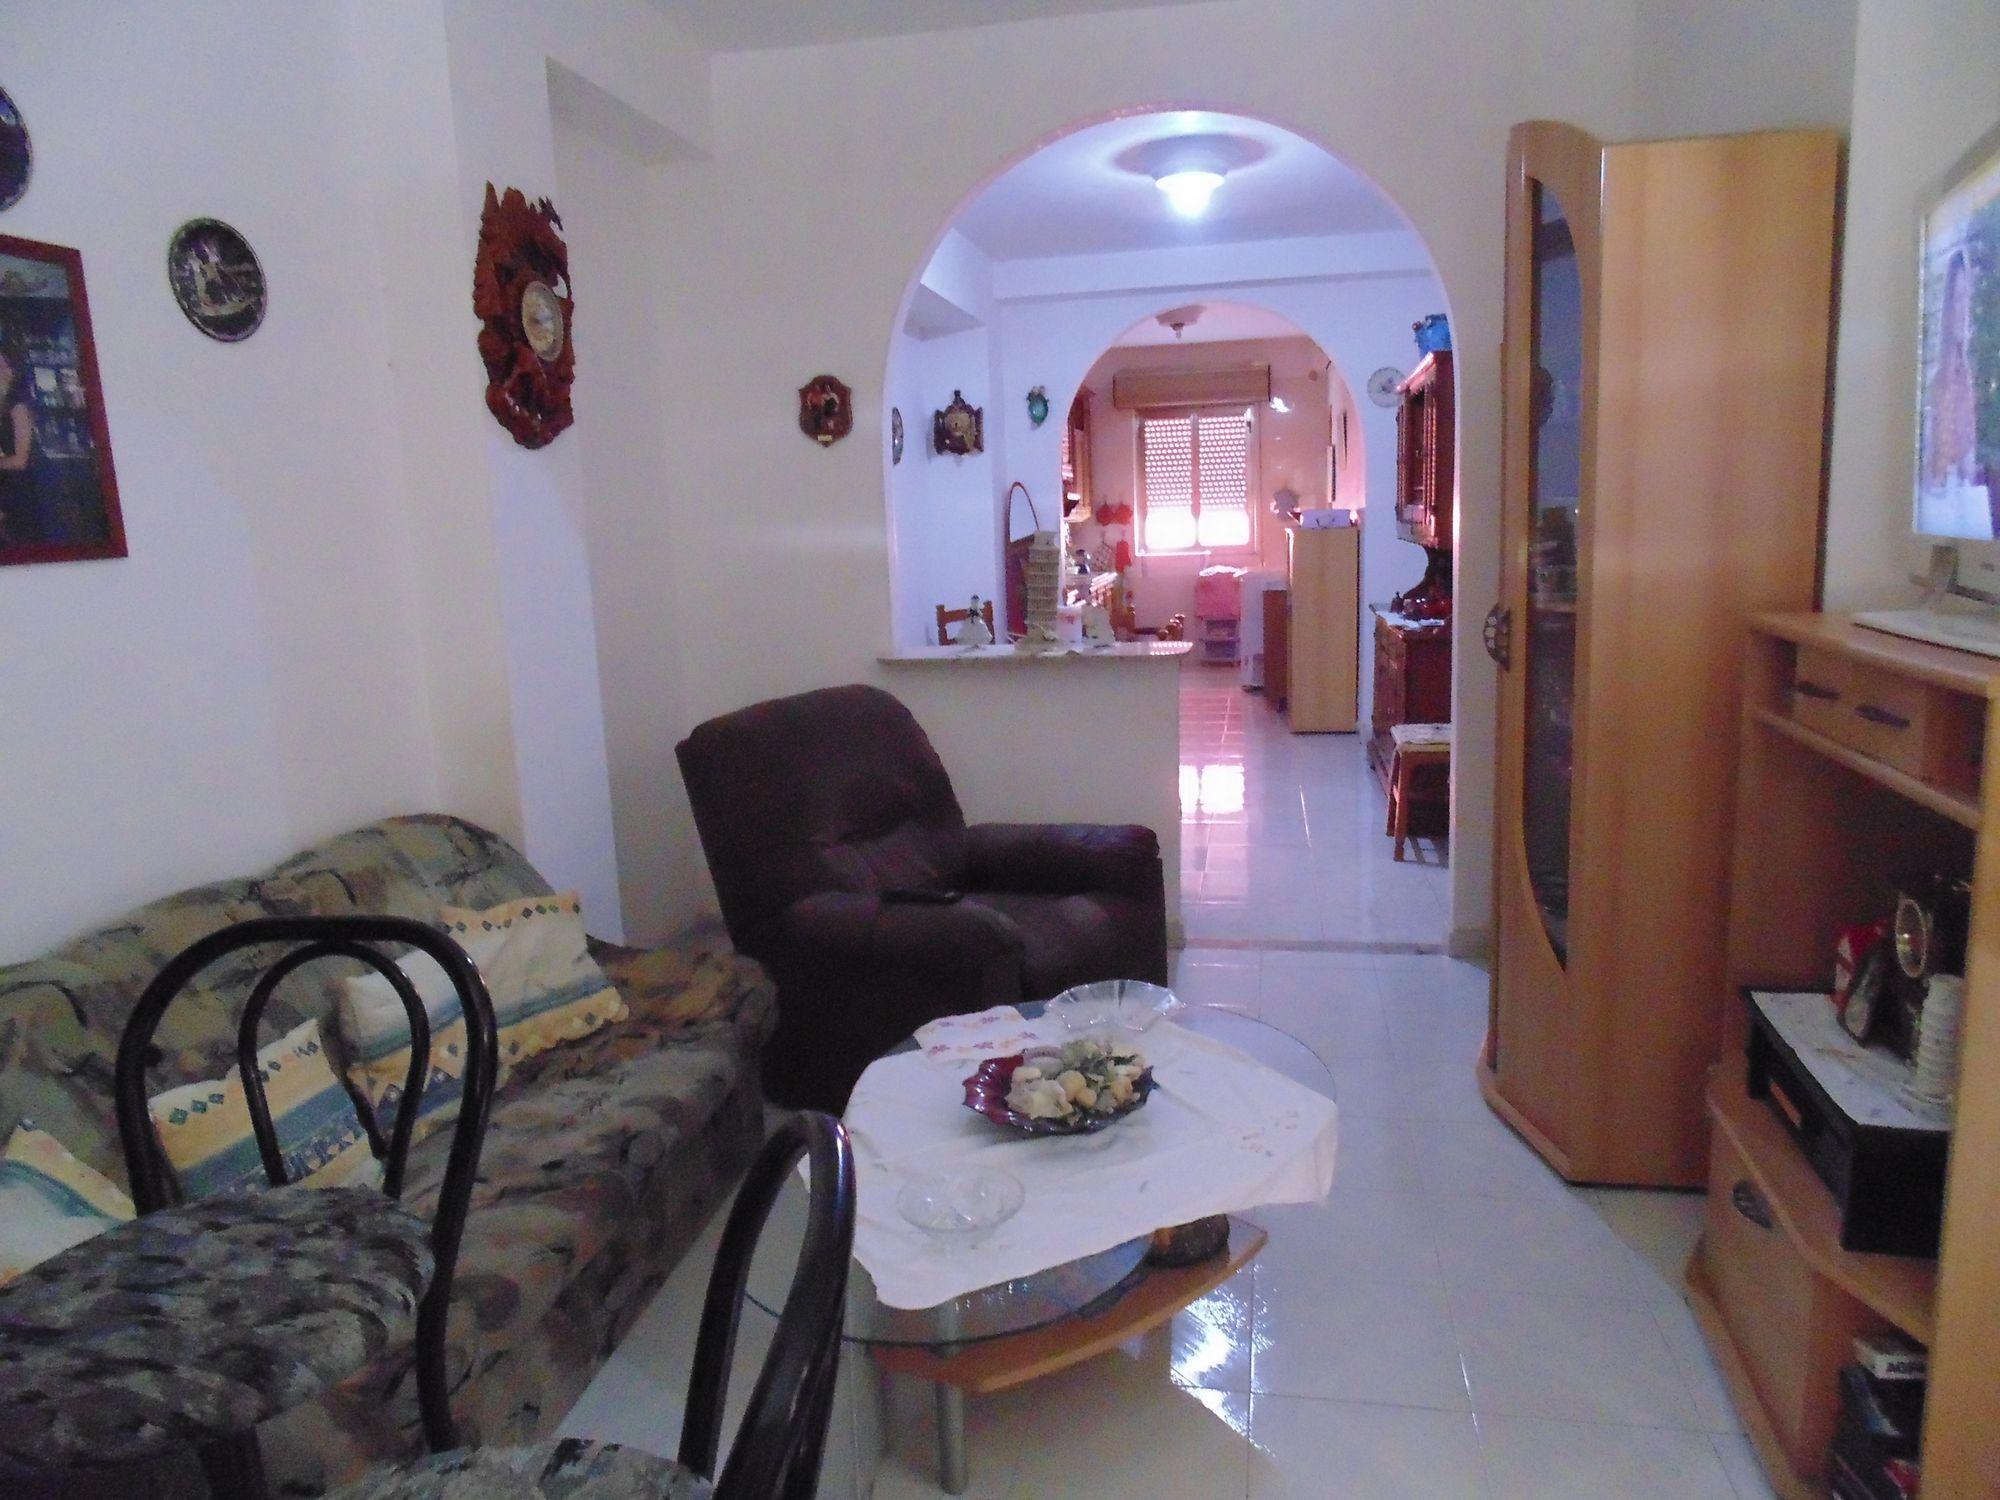 Casa singola su quattro livelli, con tre appartamenti indipendenti da 80 mq ciascuno.  Al piano ter  ...